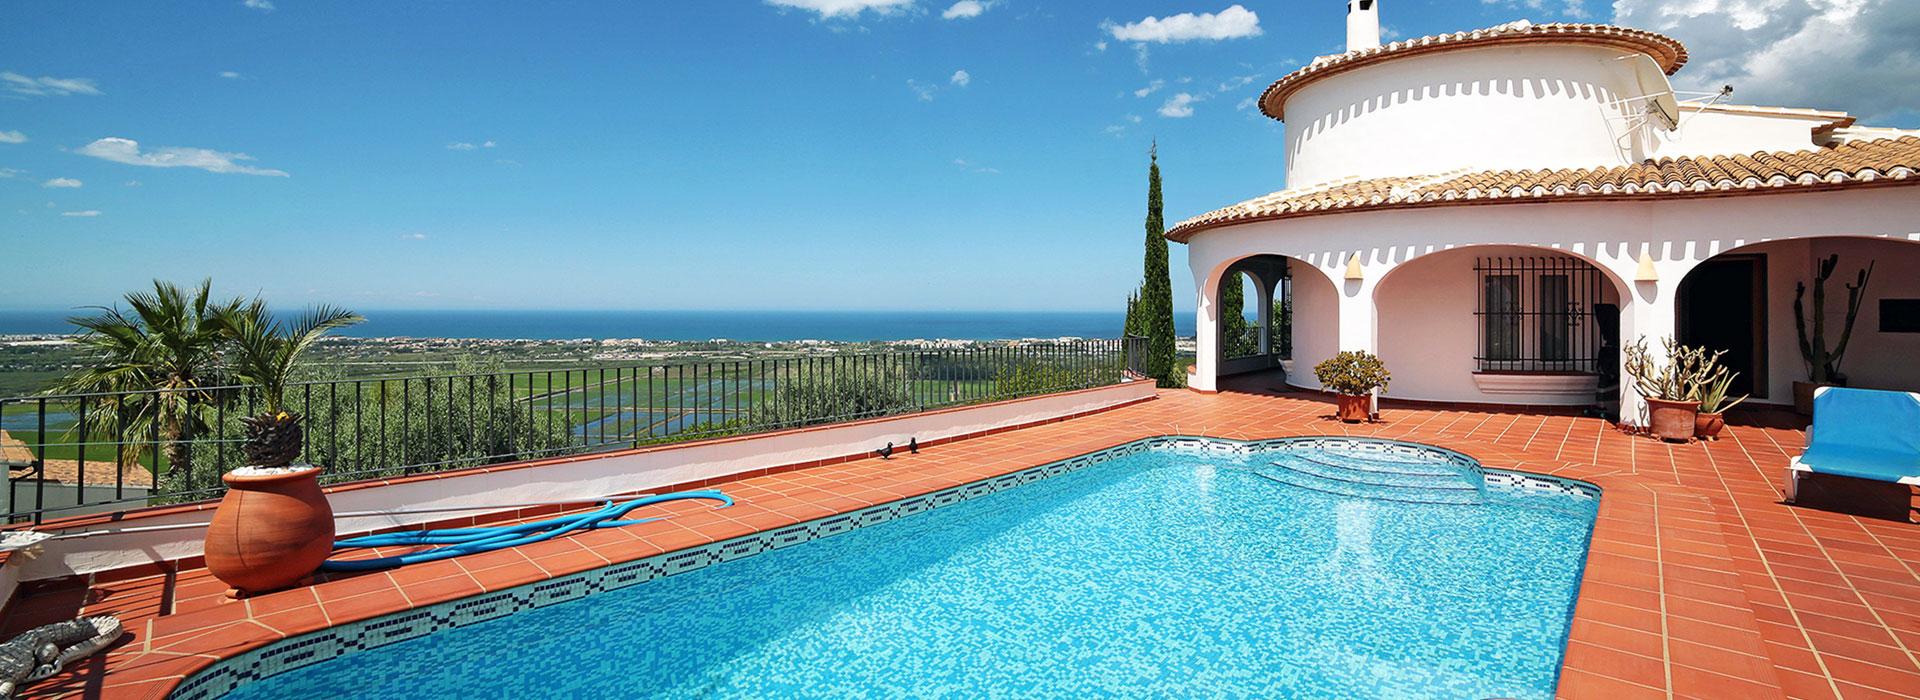 acb.immo - Villa de rêve avec superbe vue mer à Monte Pego, Denia